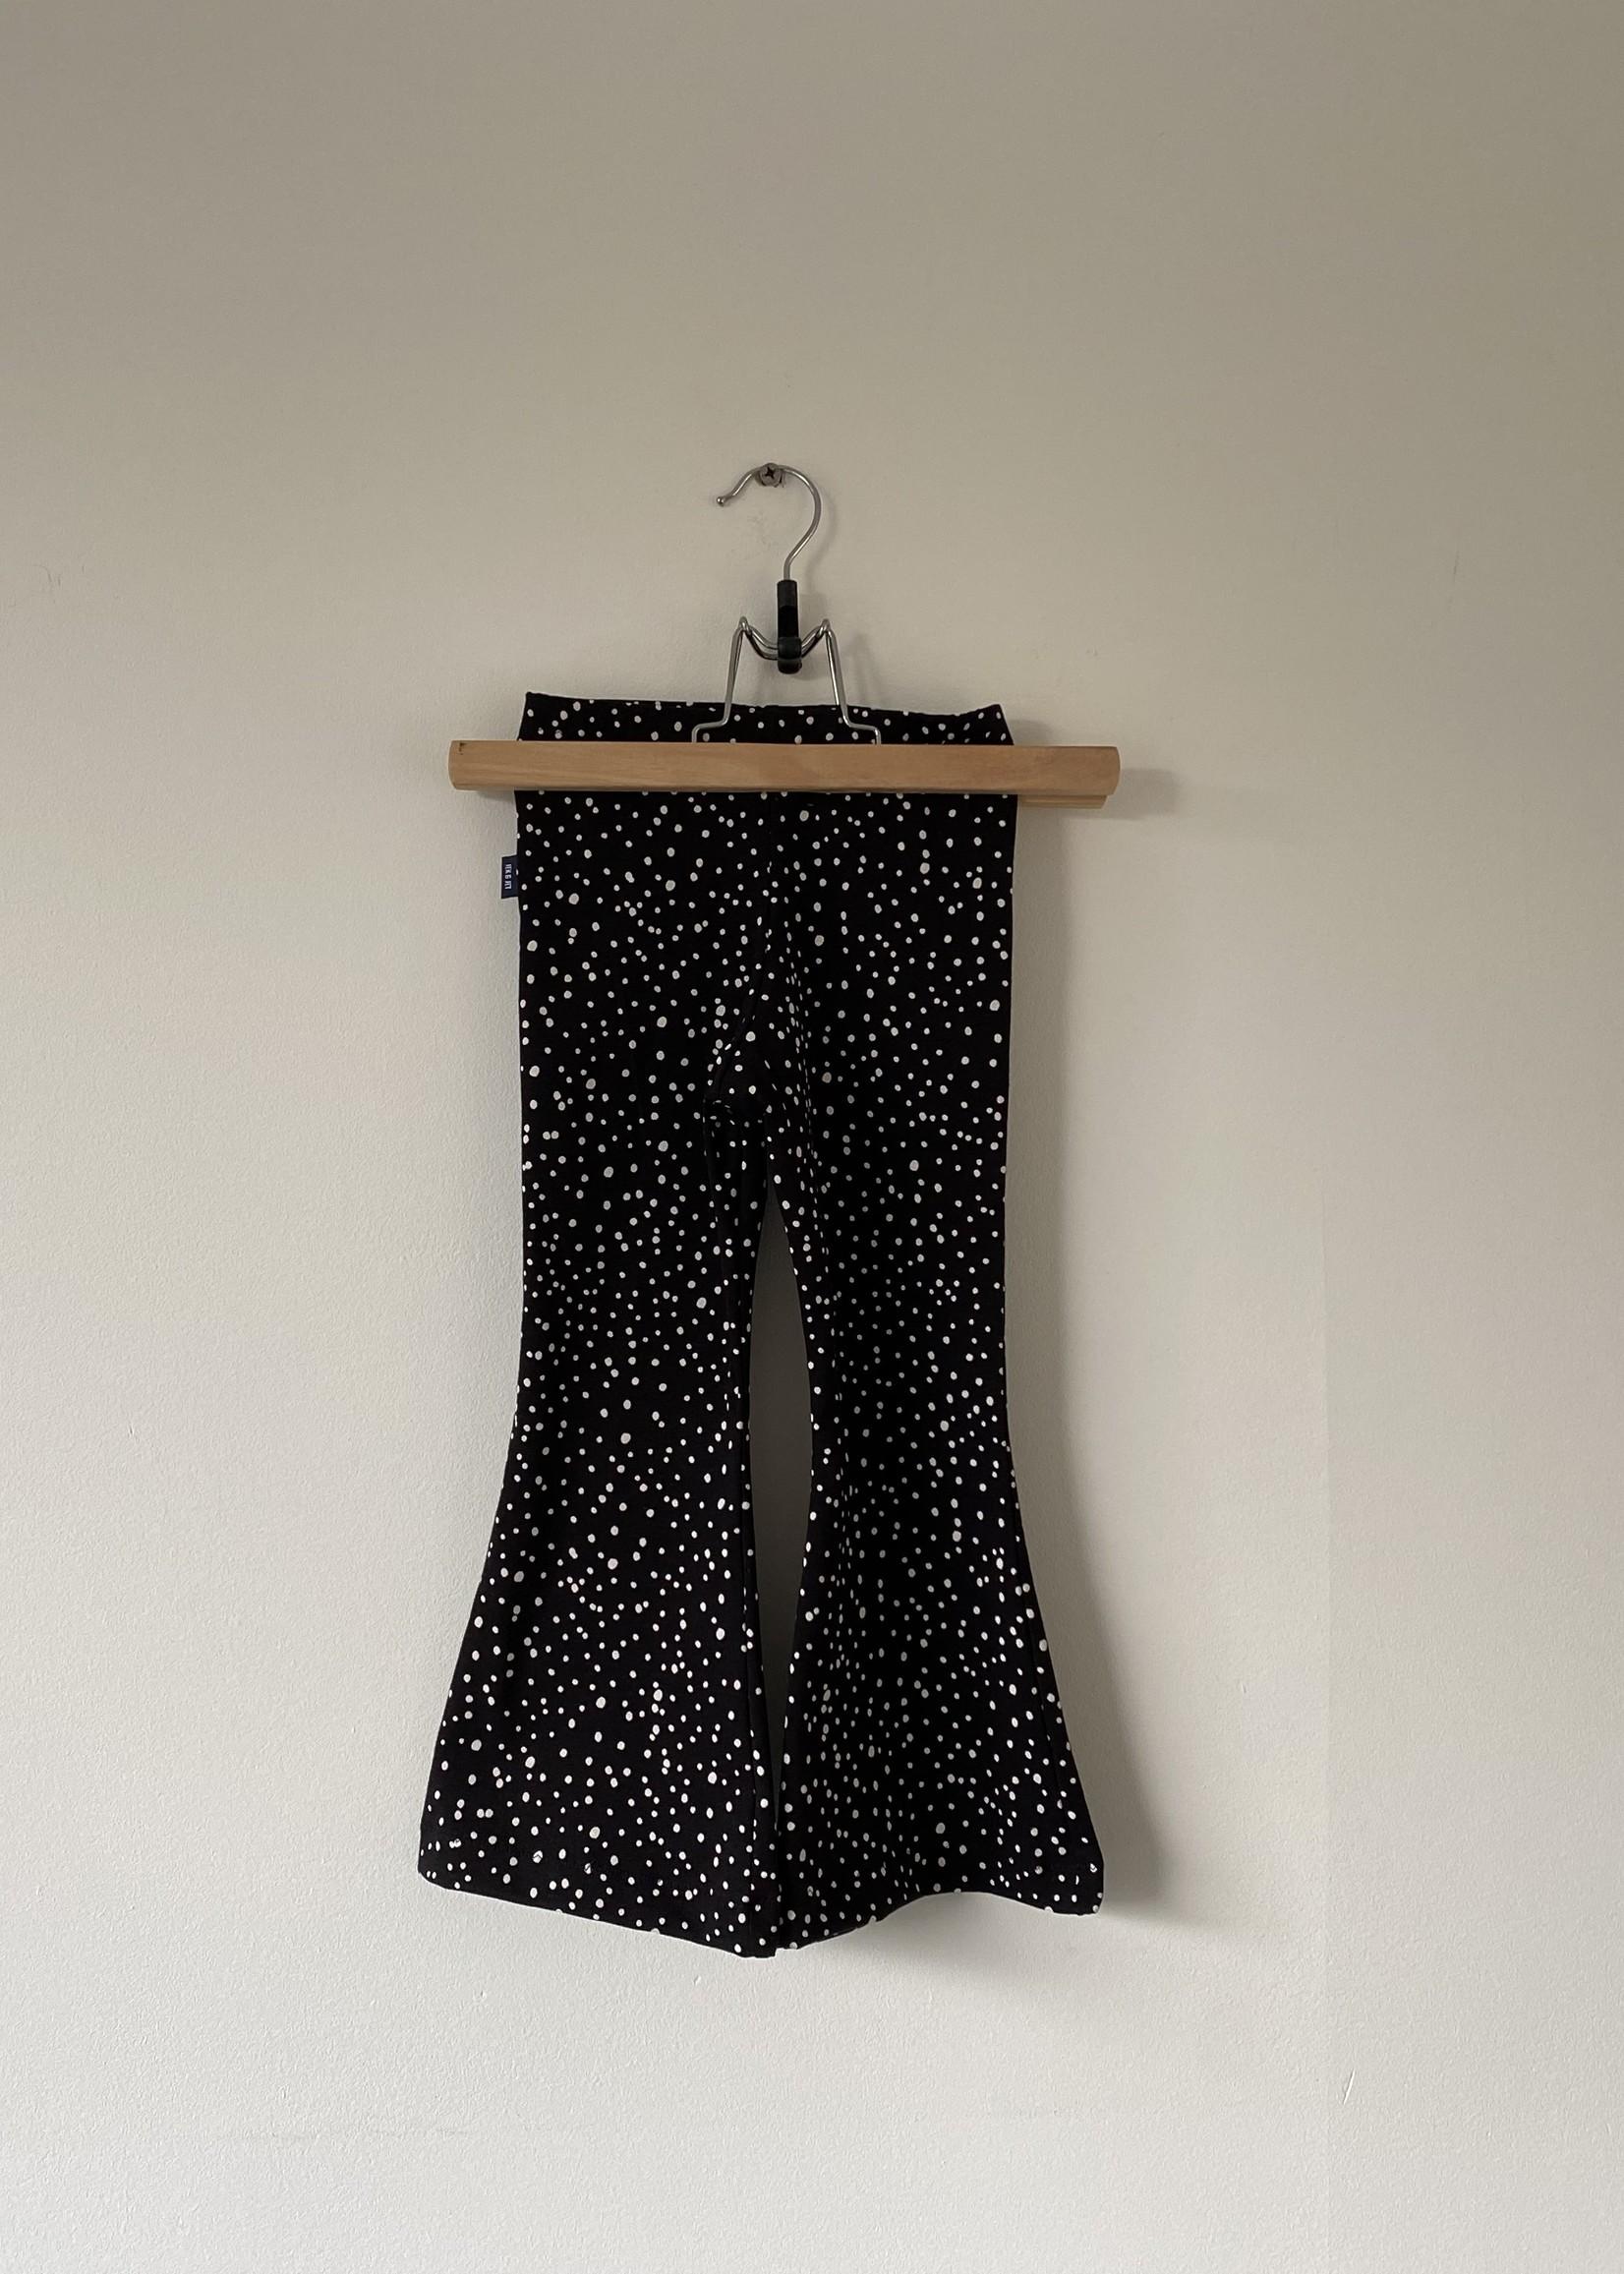 Flared broek Gigi - zwart met witte stipjes